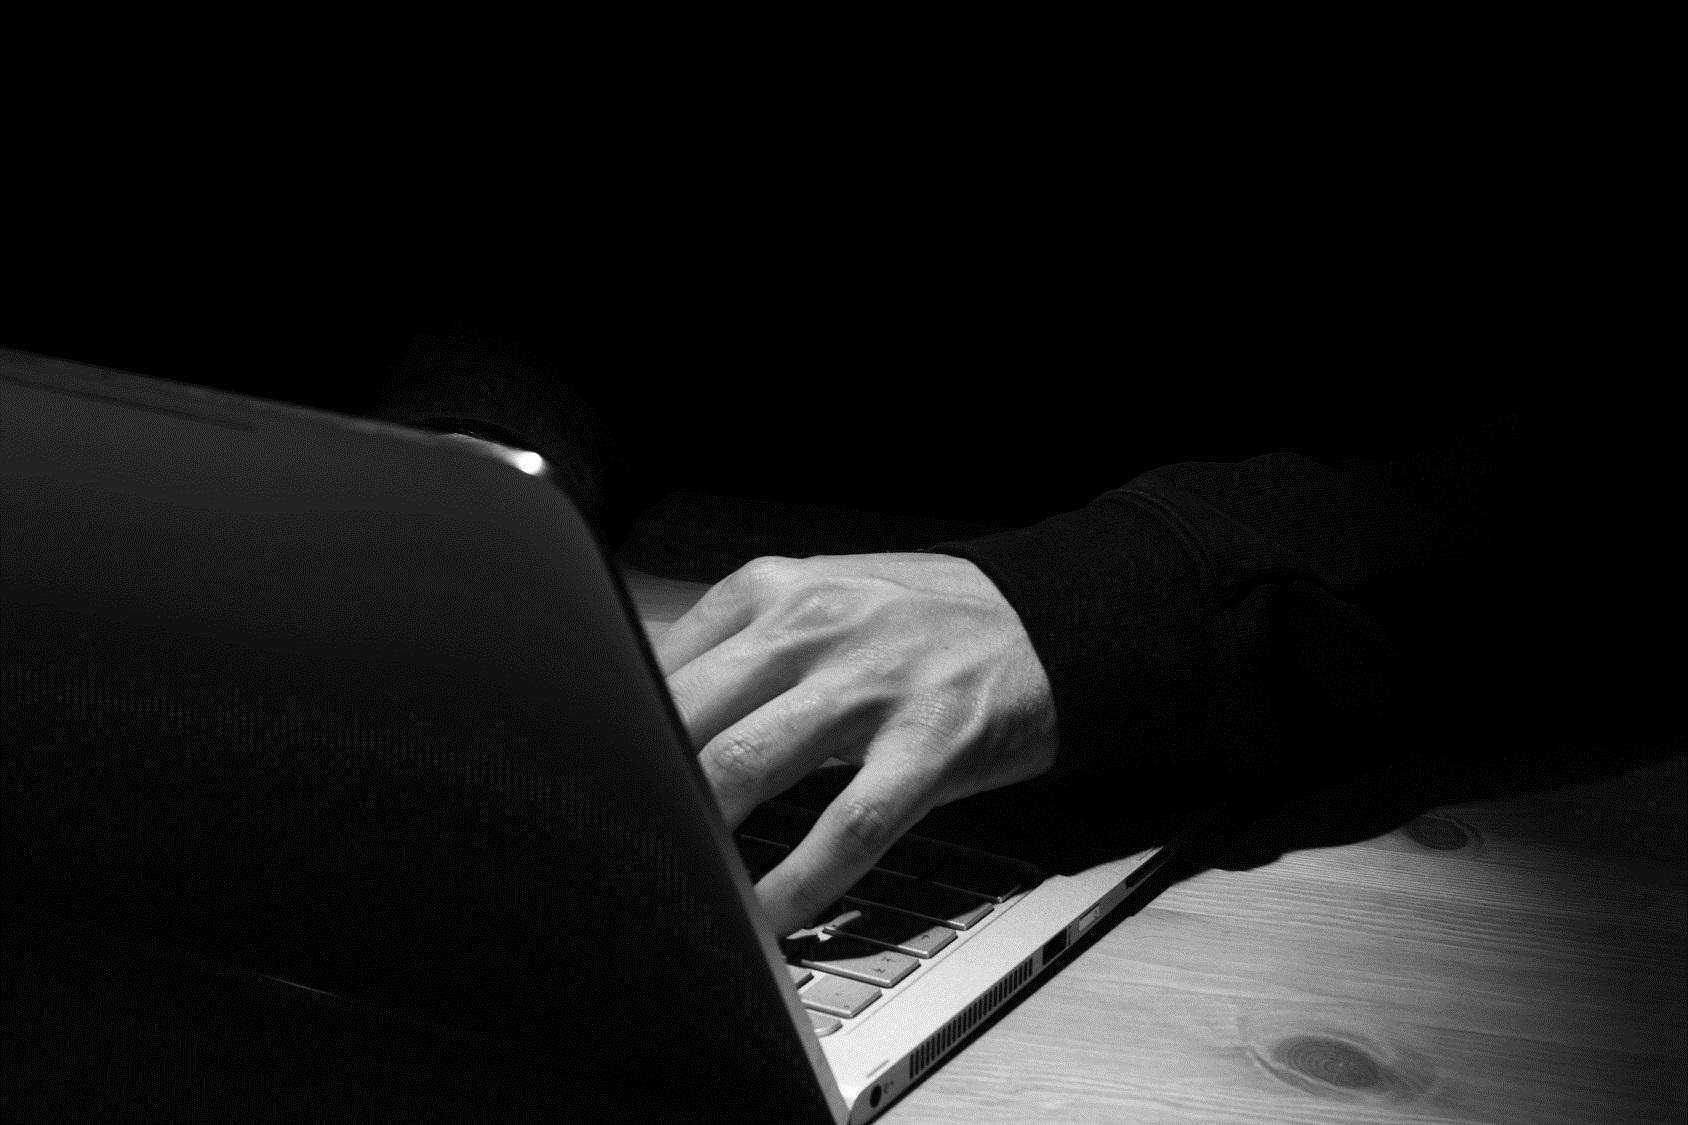 Rechtsanwalt Clemens Louis Strafverteidigung bei Besitz und Verbreitung von Kinderpornografie